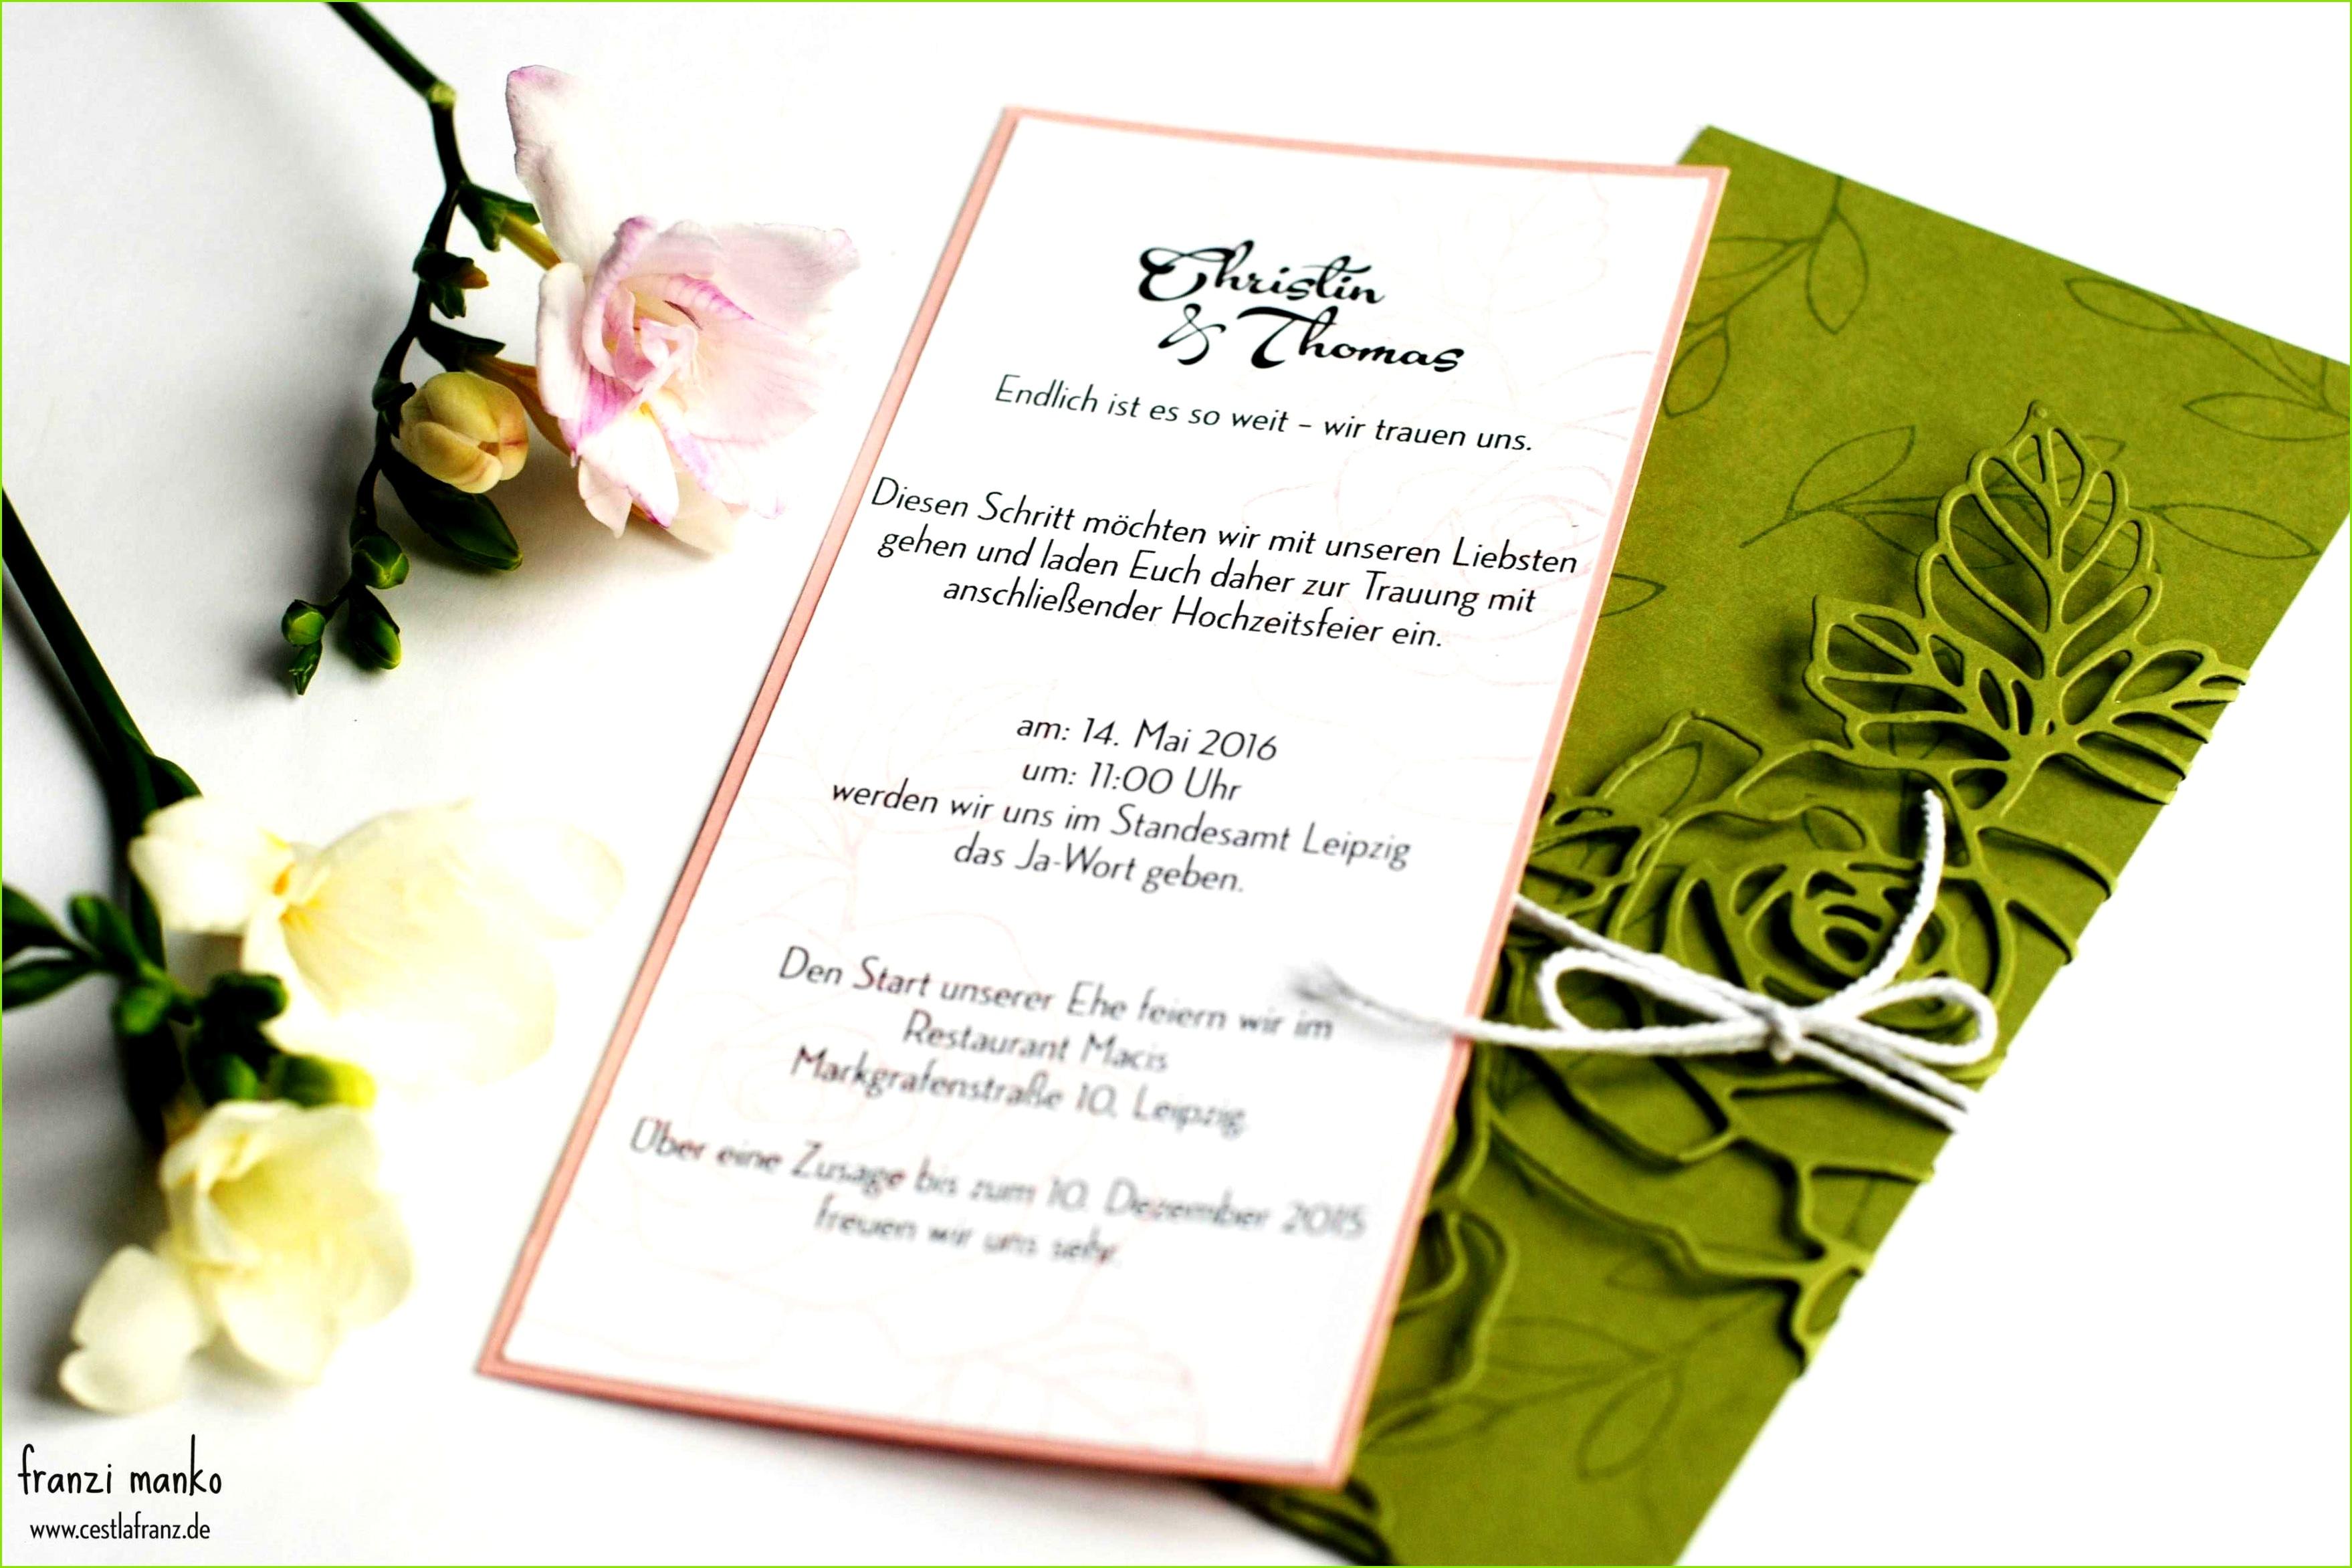 Einladungstext Kommunion Vorlage Herunterladbare Danksagungskarte Kommunion Neu Danksagungskarten Gestalten 0d 47 Editierbar Einladungstext Kommunion